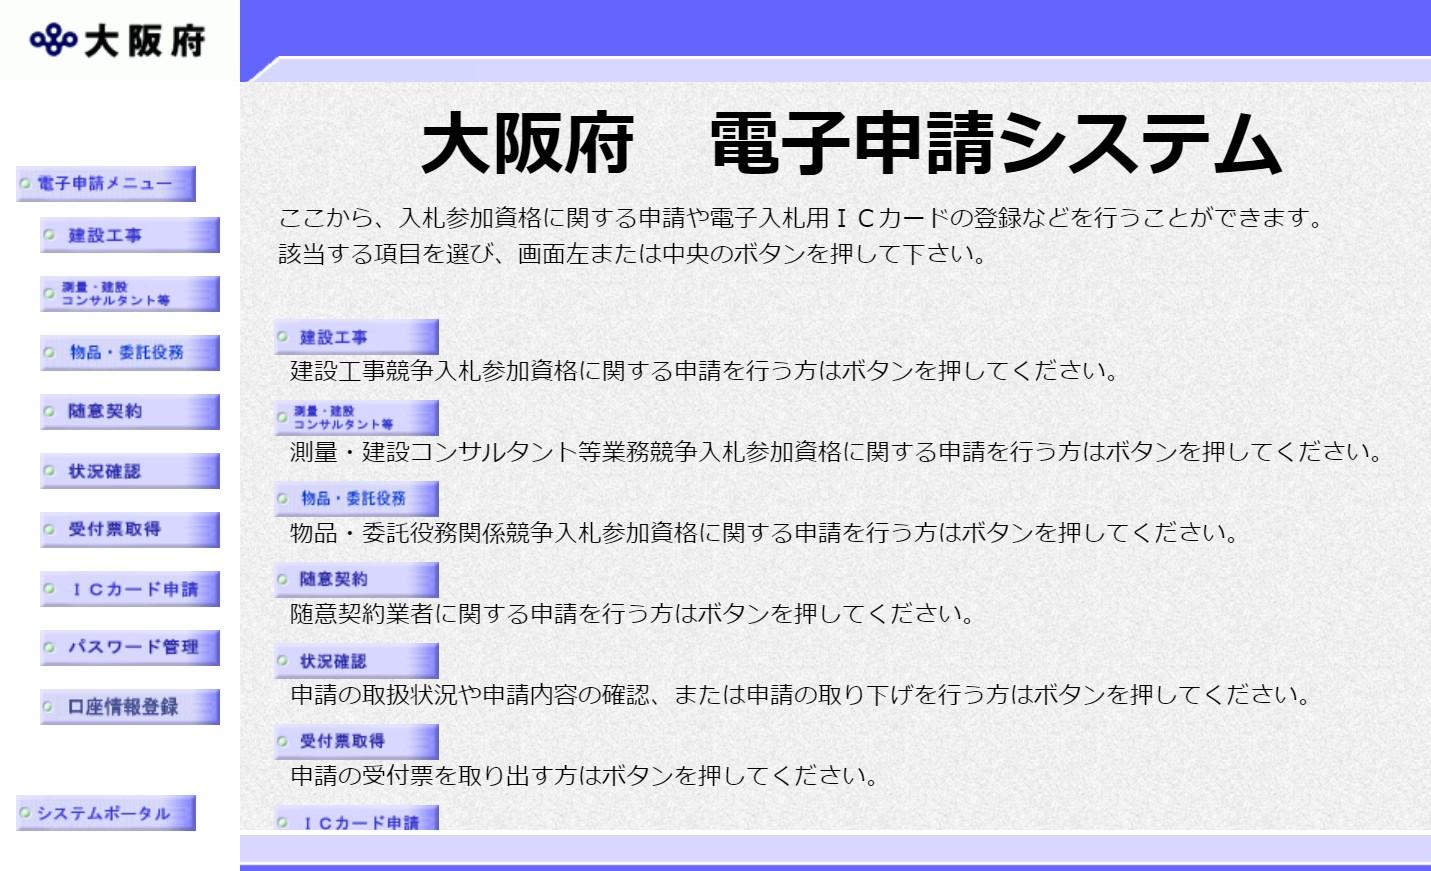 大阪府電子申請システムサンプル画面